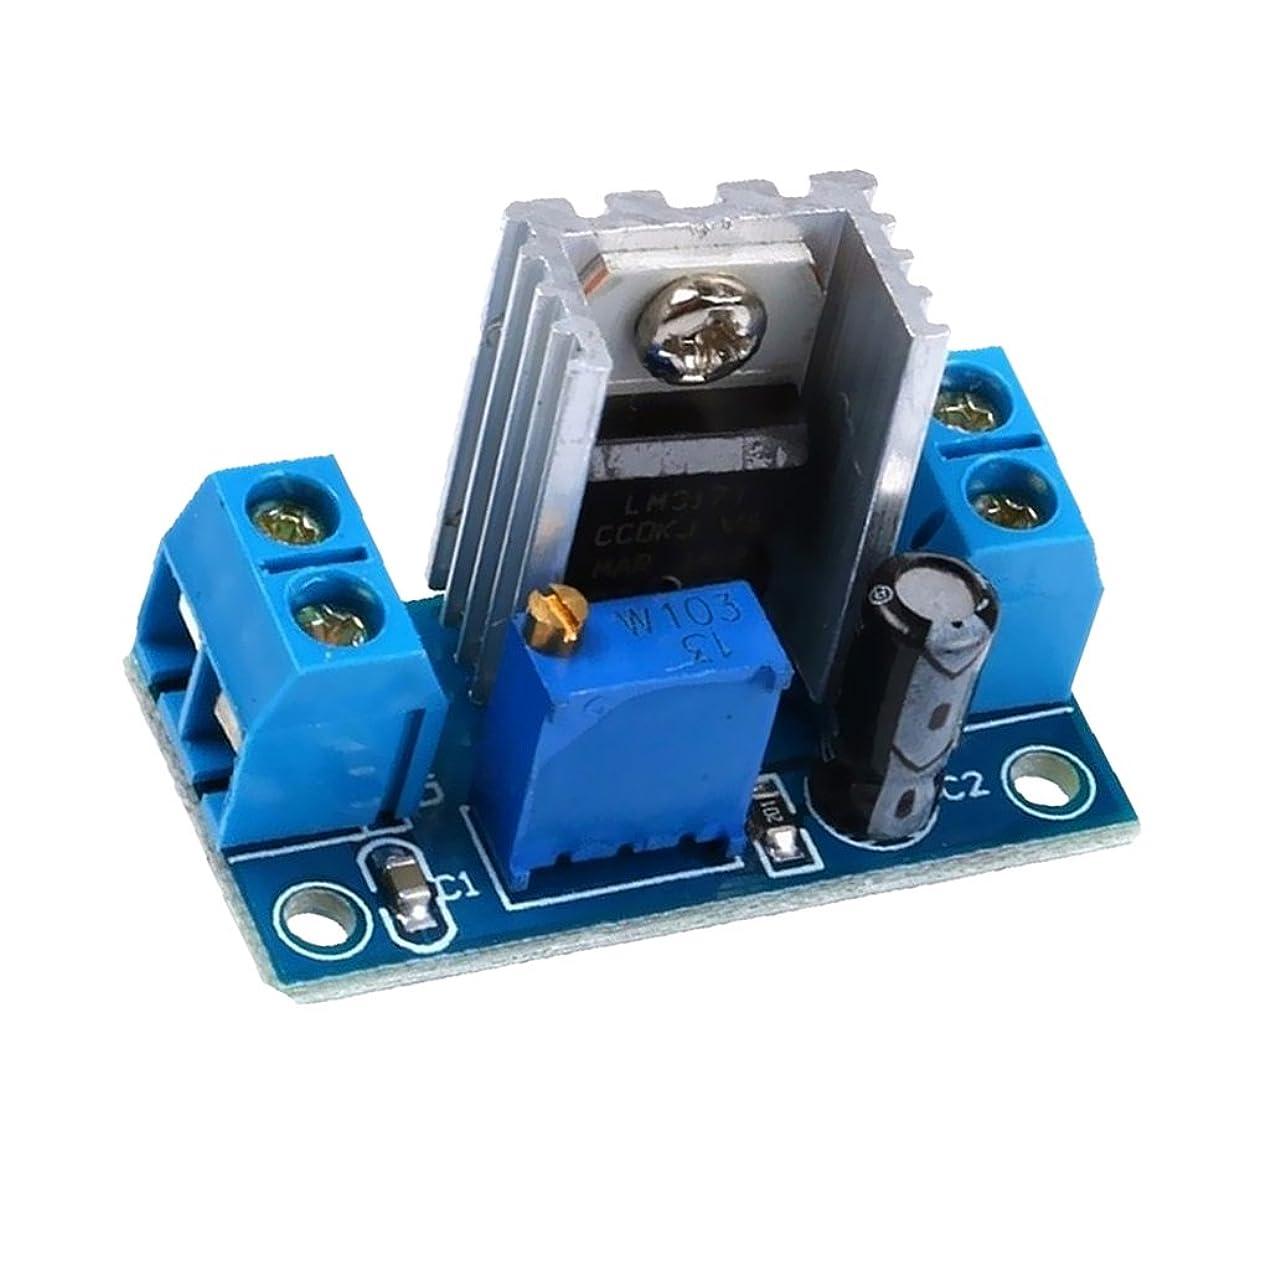 保存ゾーン四面体降圧コンバータ DC 調整可能 リニア モジュール 電源 ボード LM317